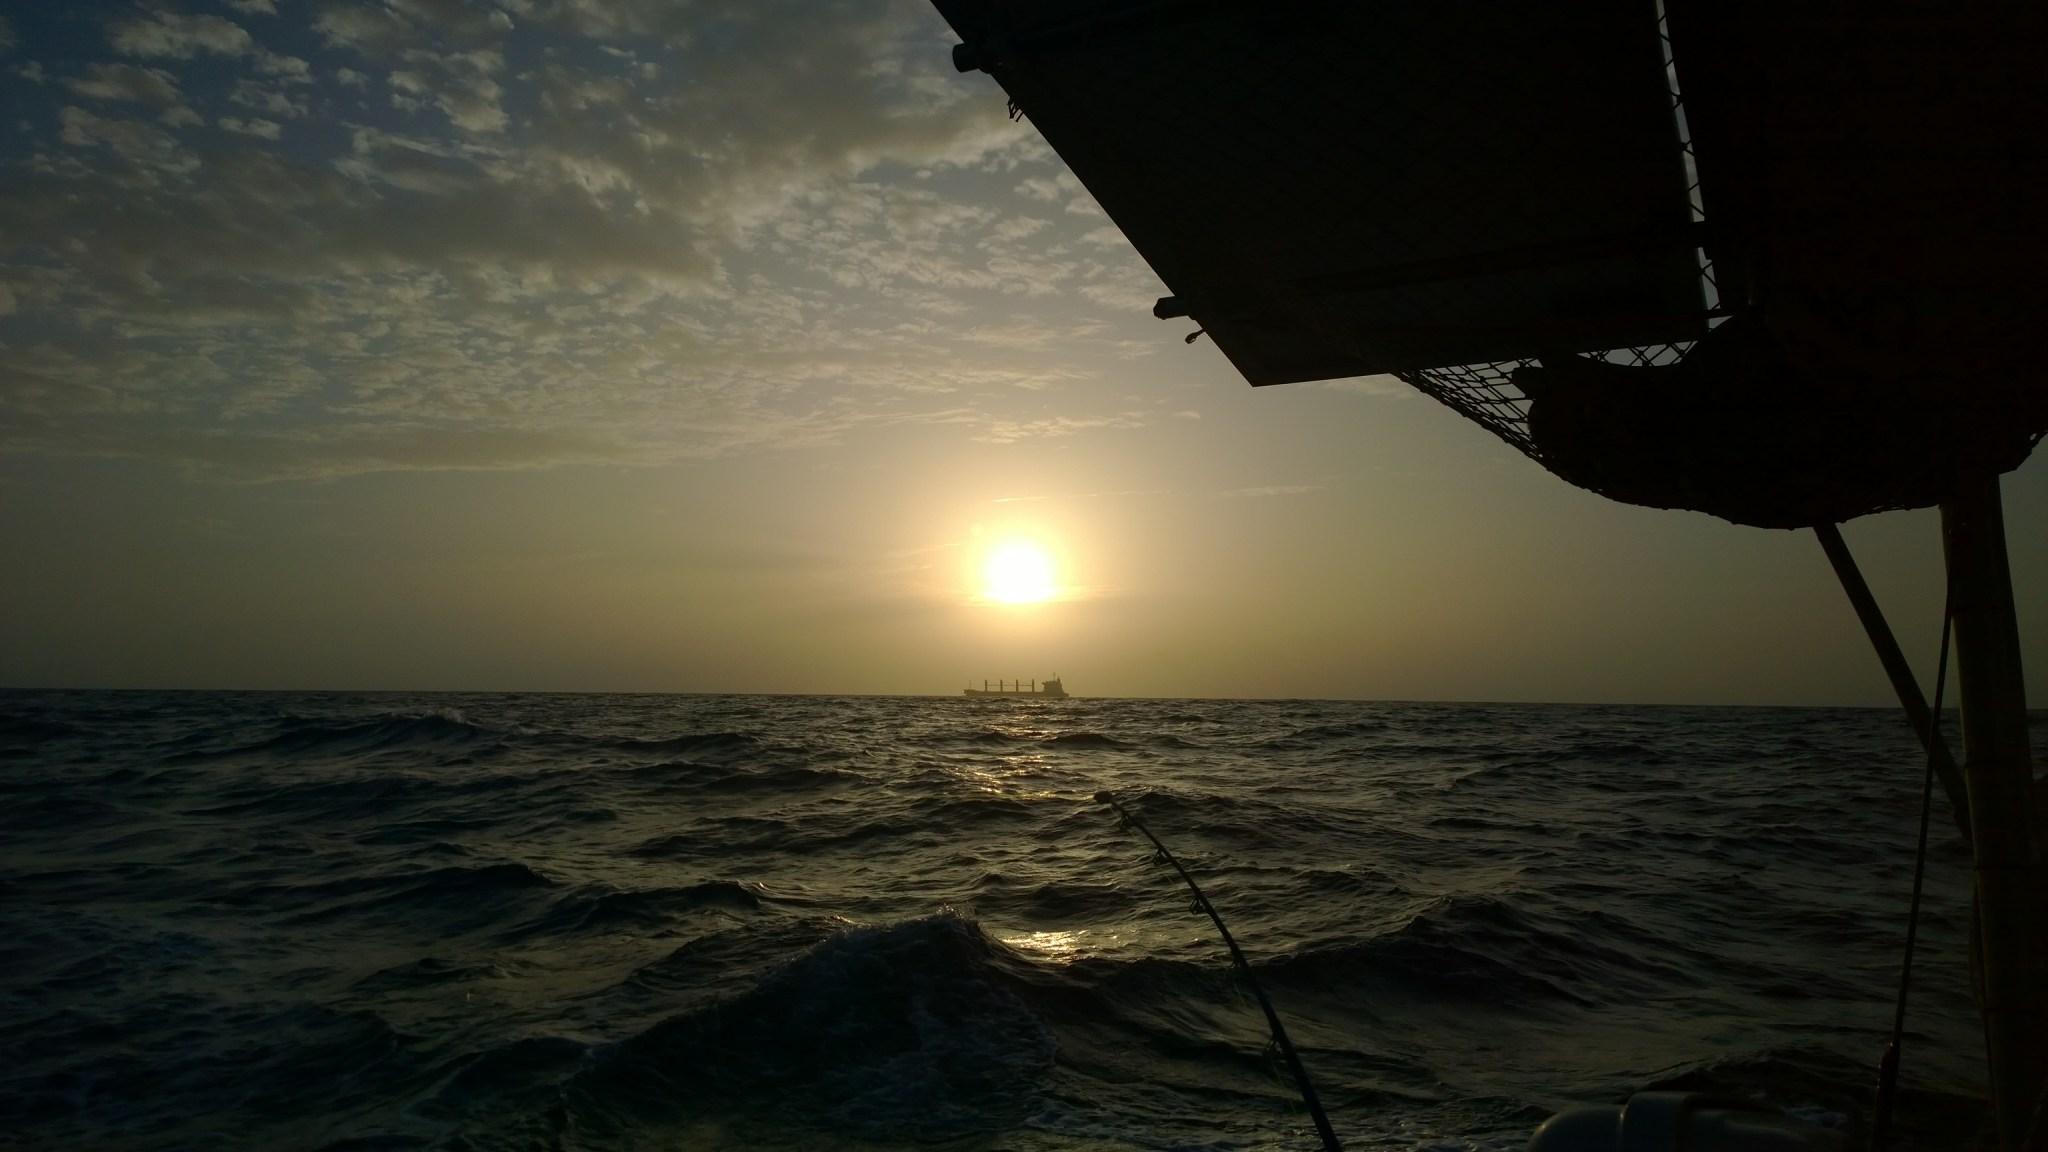 Näimme kerralla horisontissa kaksi laivaa! Aikamoinen tapaus! Kala ei syönyt, vaikka uistinta vaihdettiin joka päivä ja kokeiltiin erilaisia kalamiehen kikkoja. Yksi lintu meinasi syöksyä vieheeseen kiinni, onneksi jätti väliin.